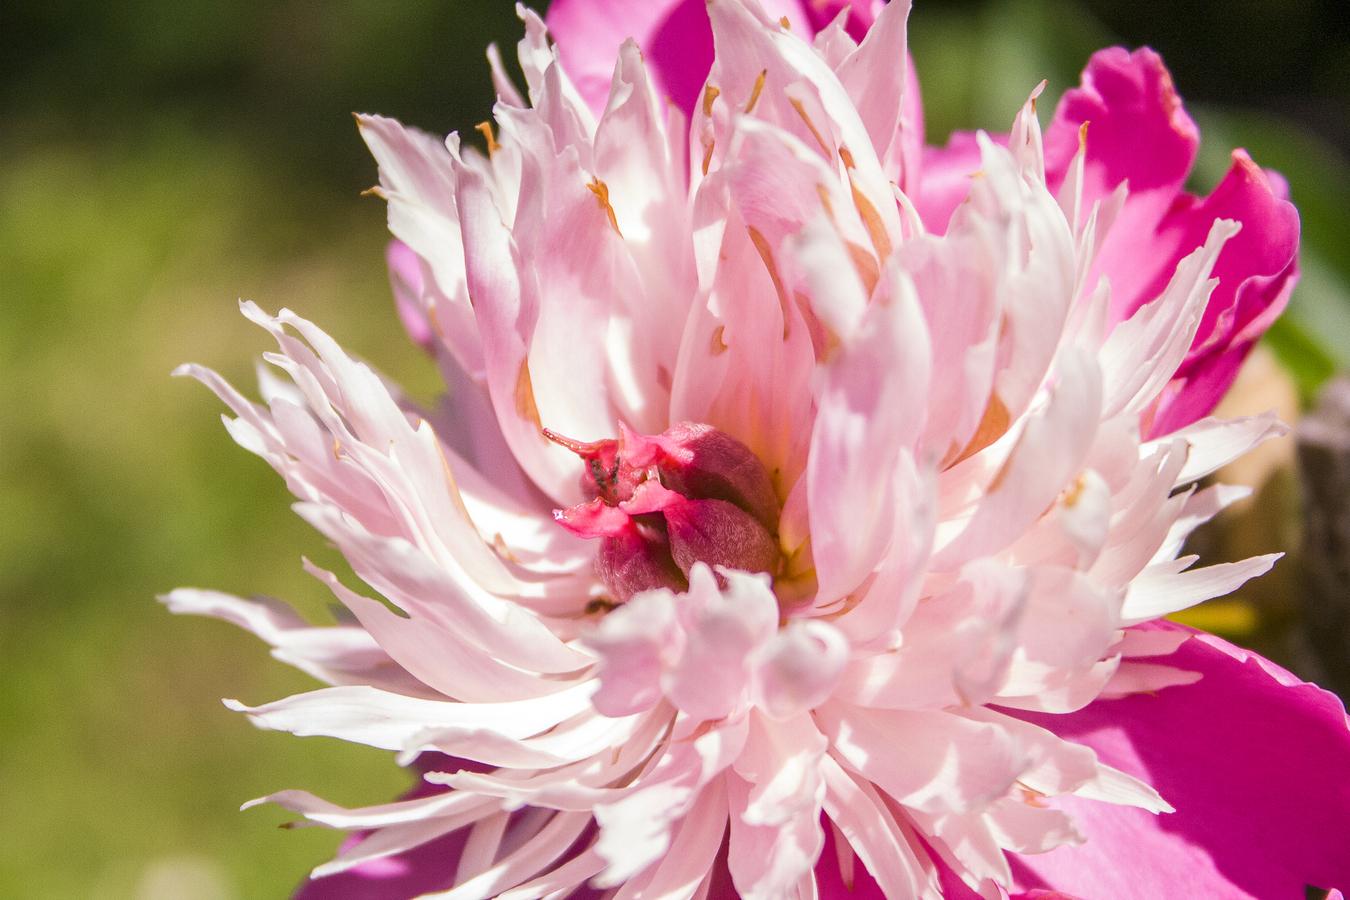 Střed rozkvétajícího květu